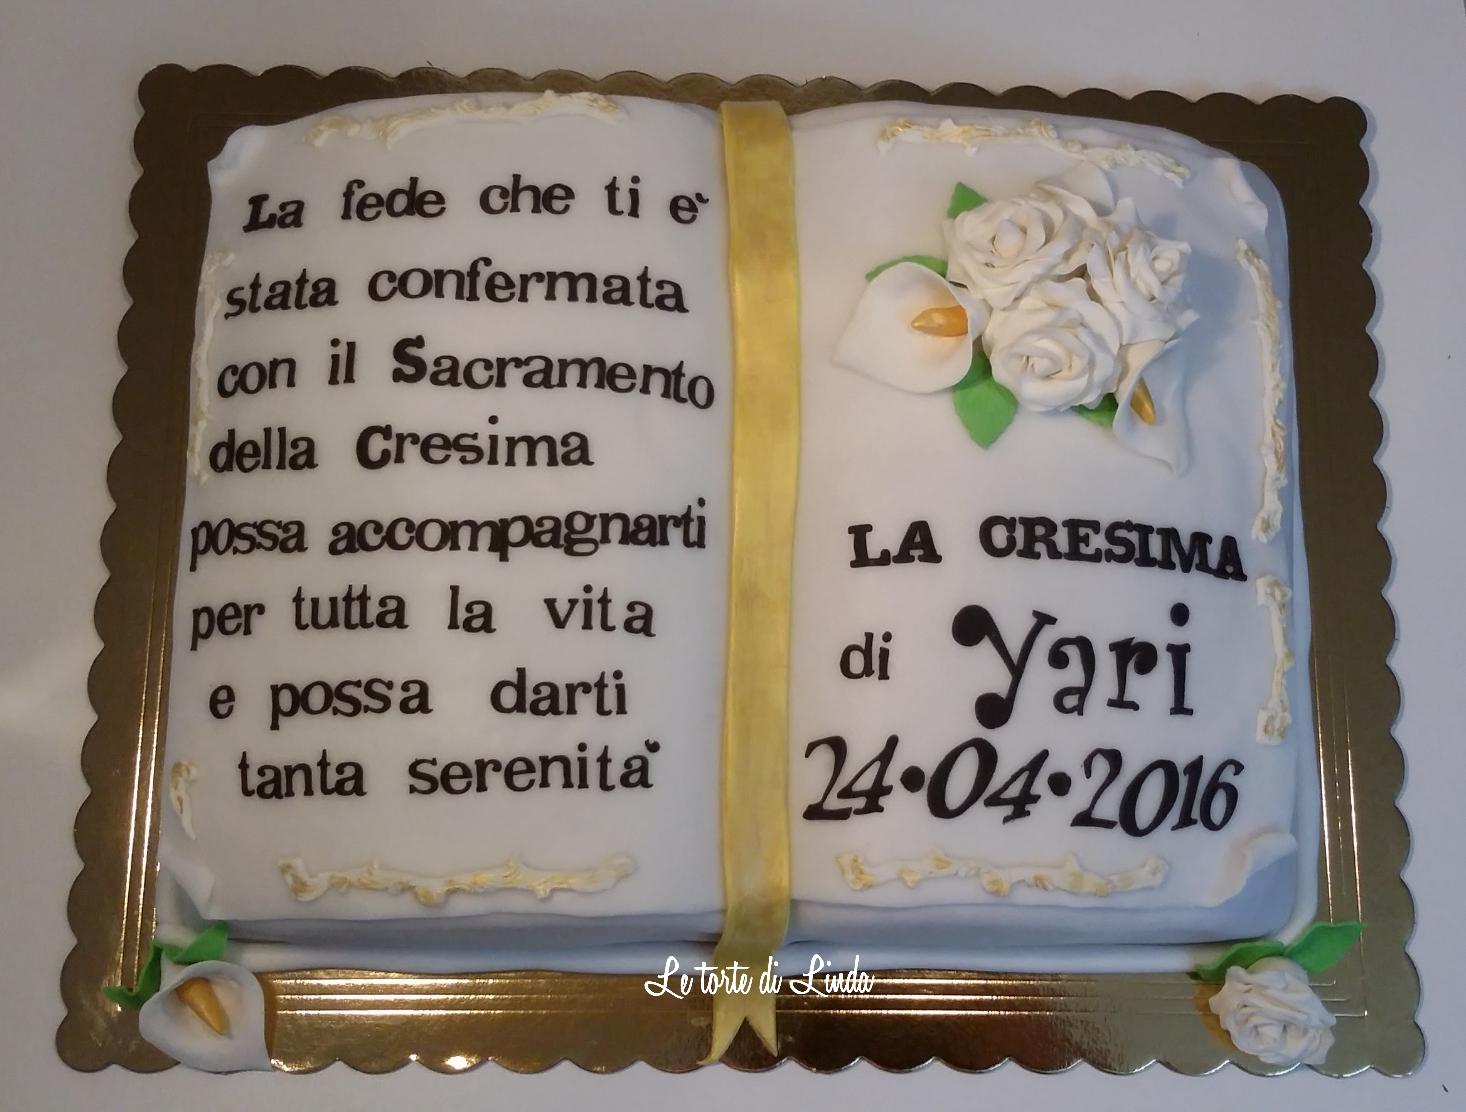 Le torte di linda torta libro per la cresima - Decorazioni per cresima ...